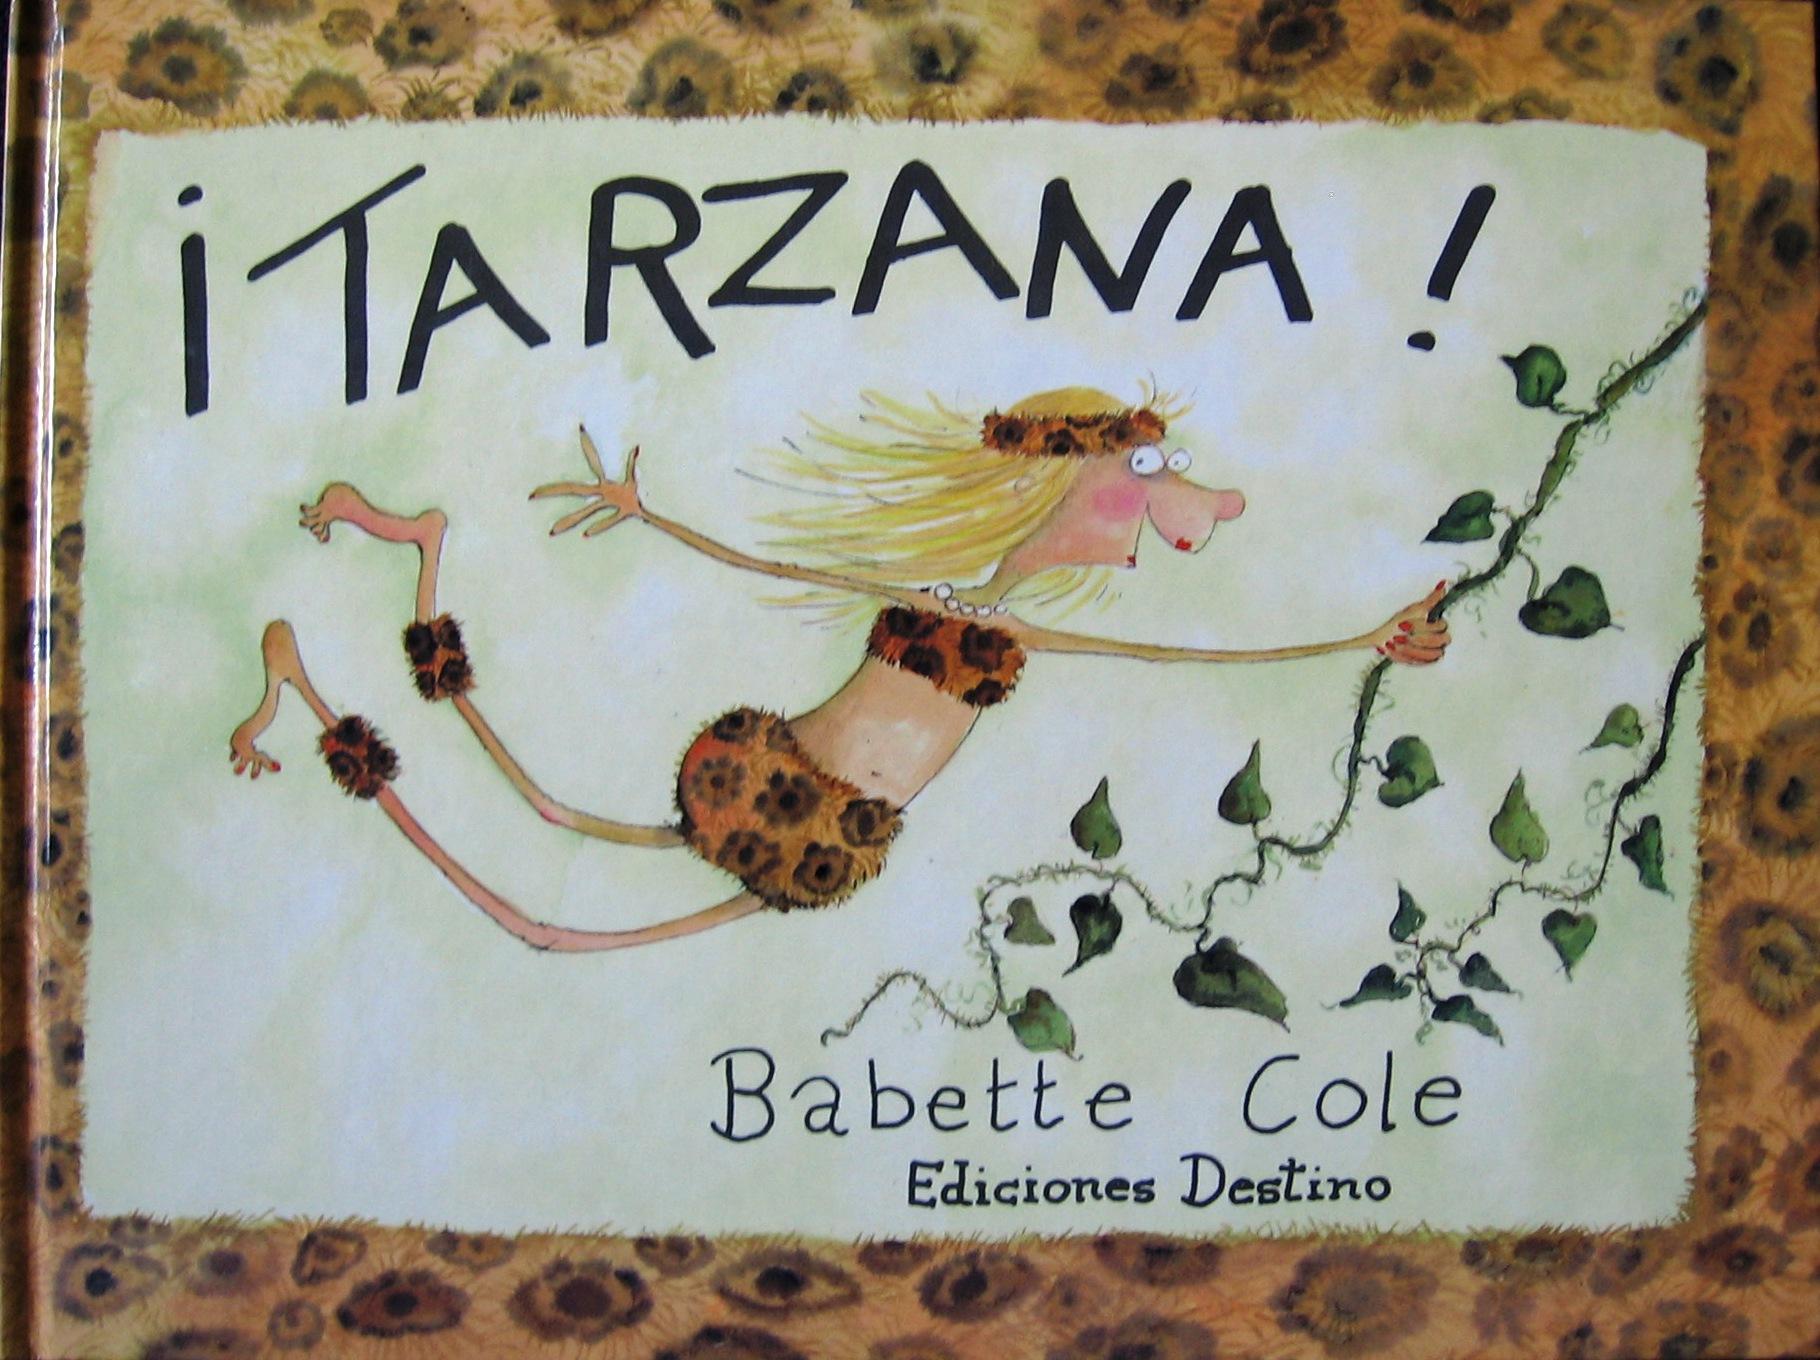 Tarzana!